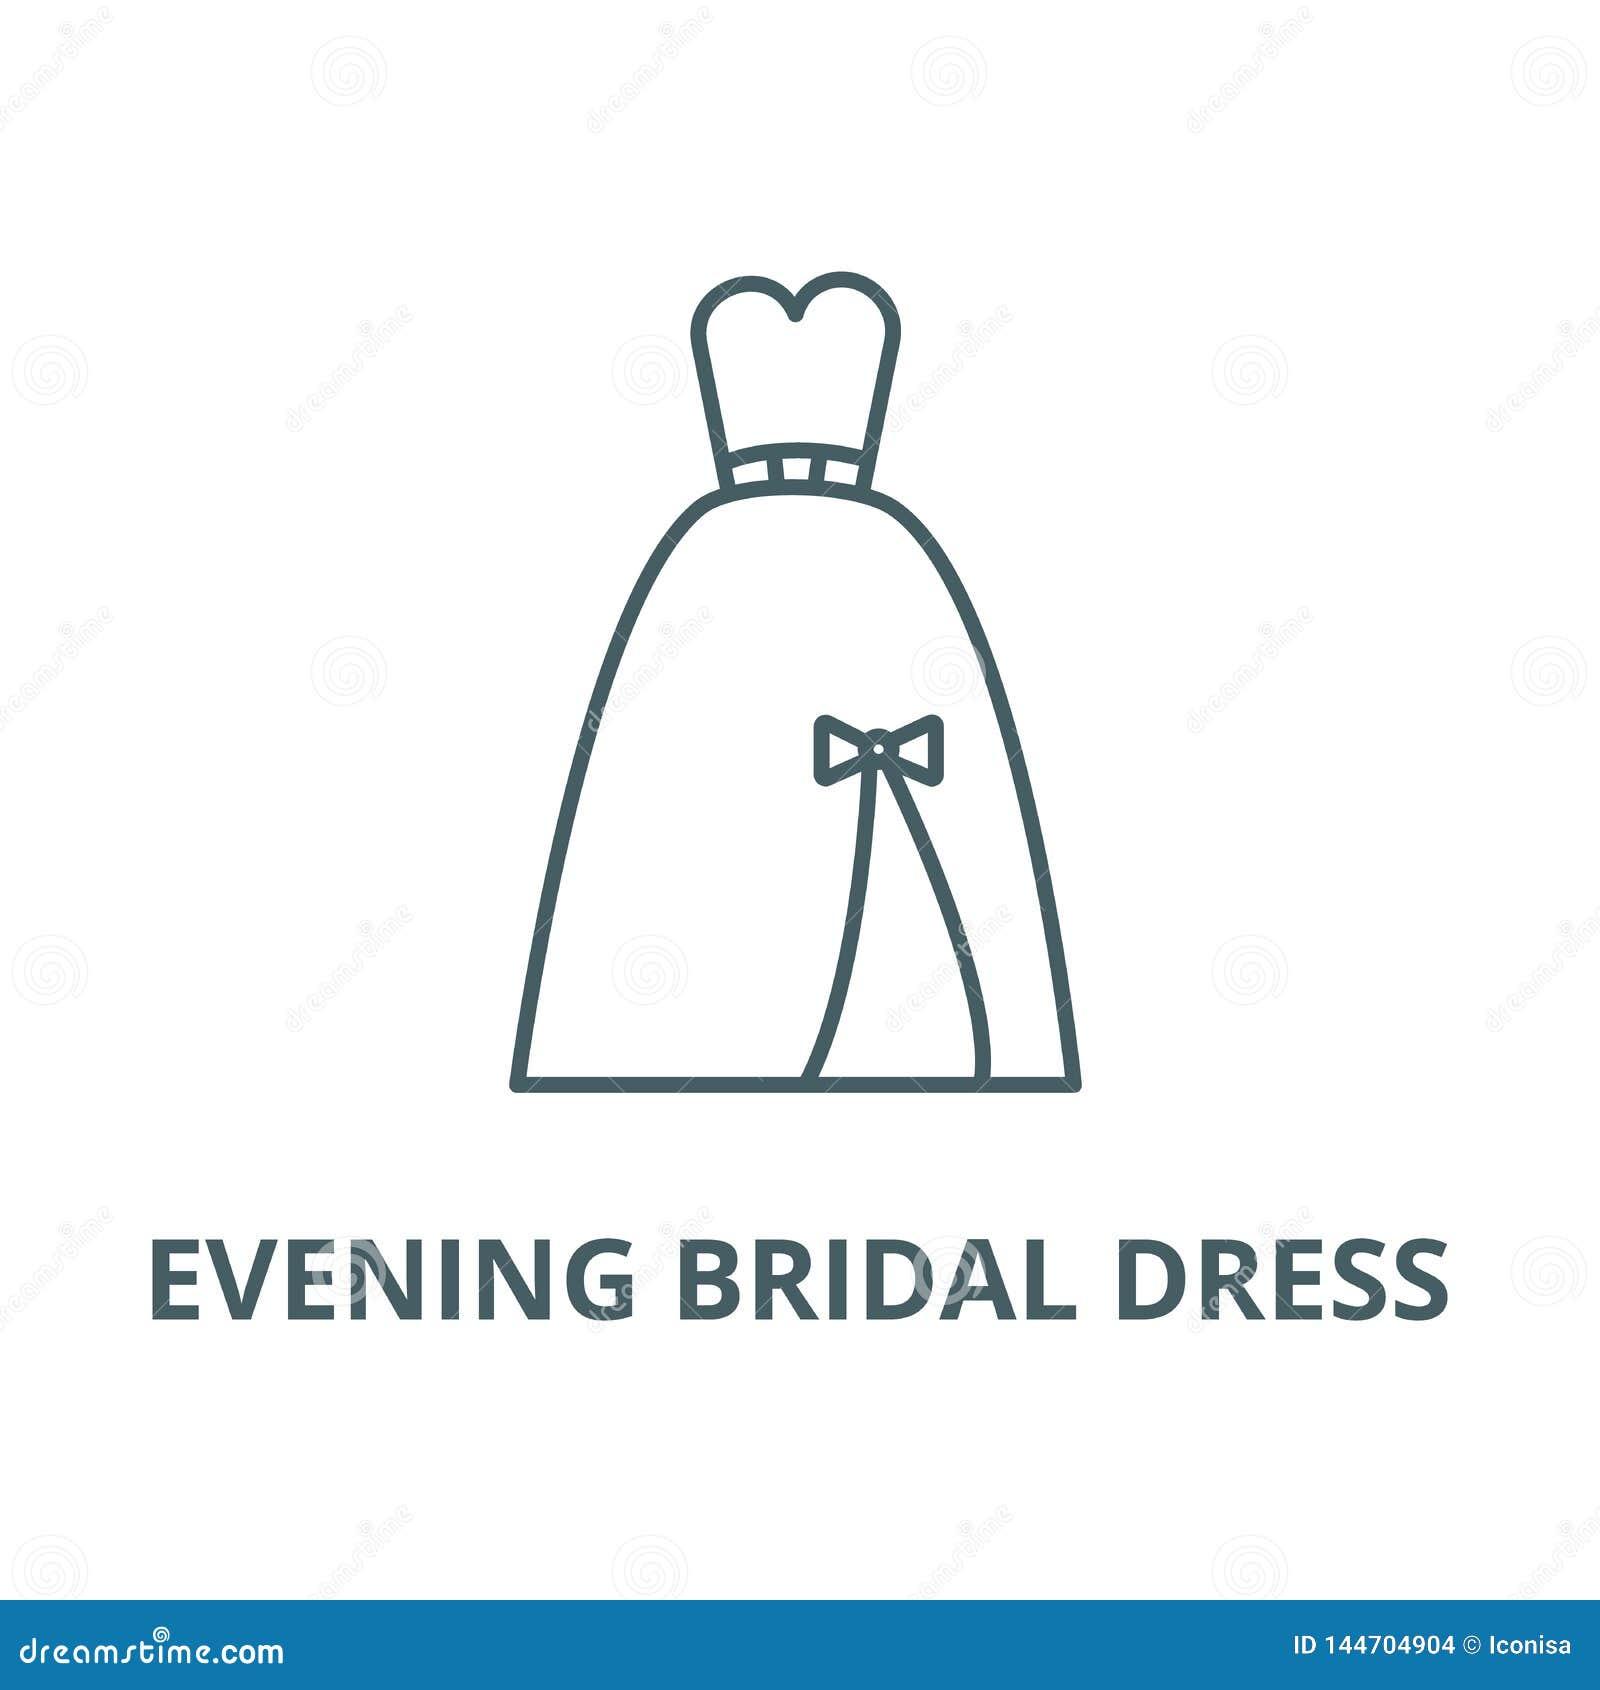 Evening bridal dress line icon, vector. Evening bridal dress outline sign, concept symbol, flat illustration